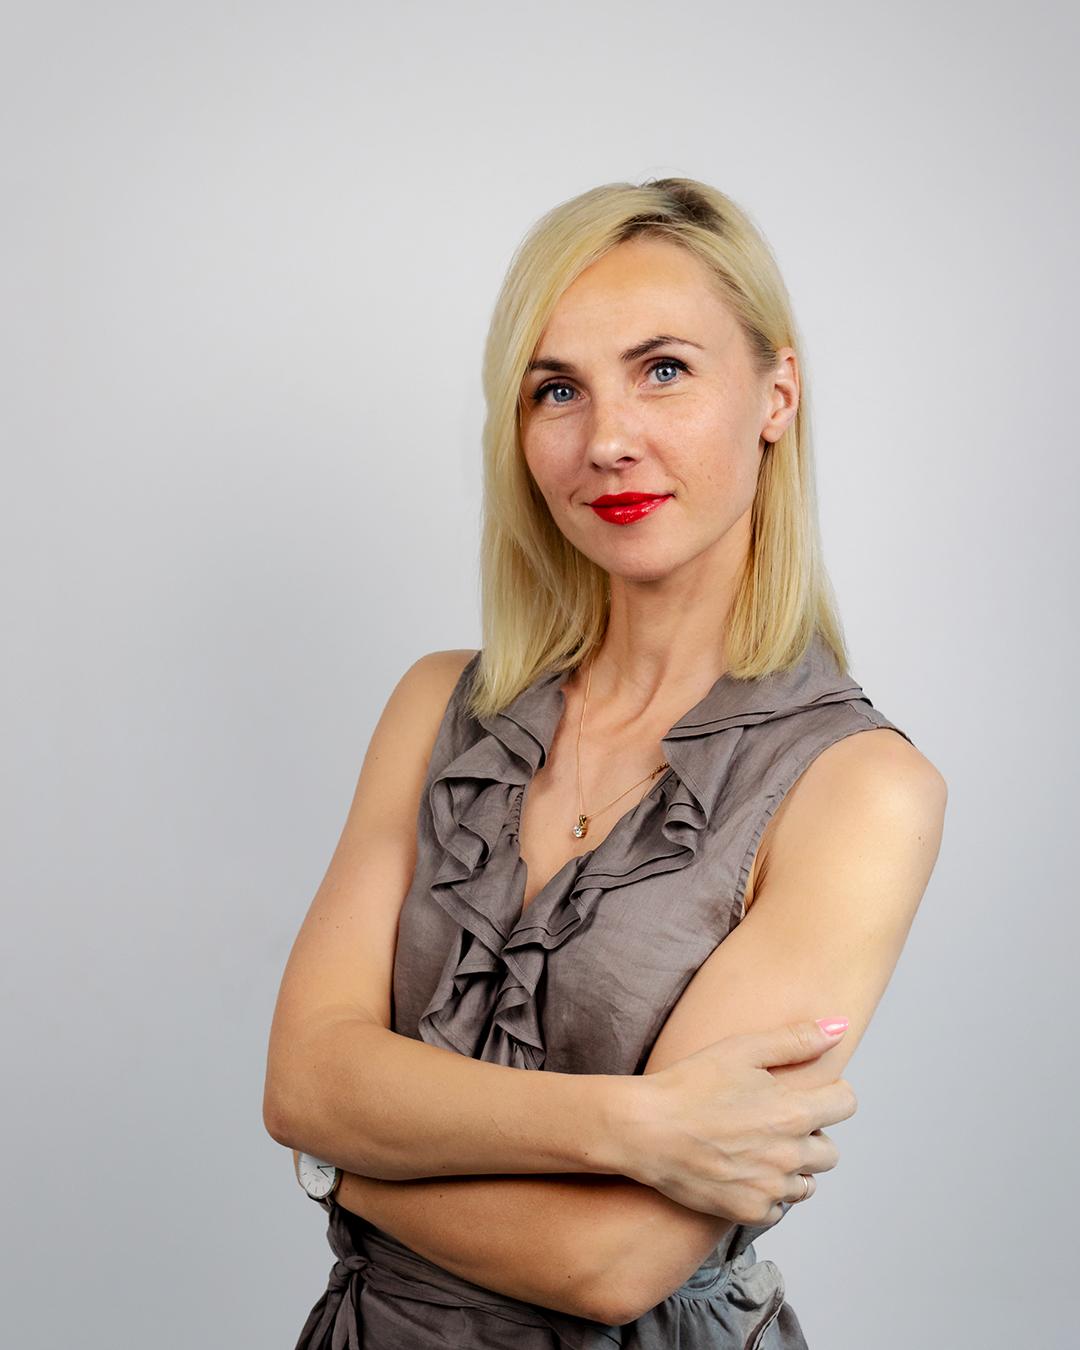 Giedrė Katkevičienė – Kauno regionio pardavimų vadybininkė